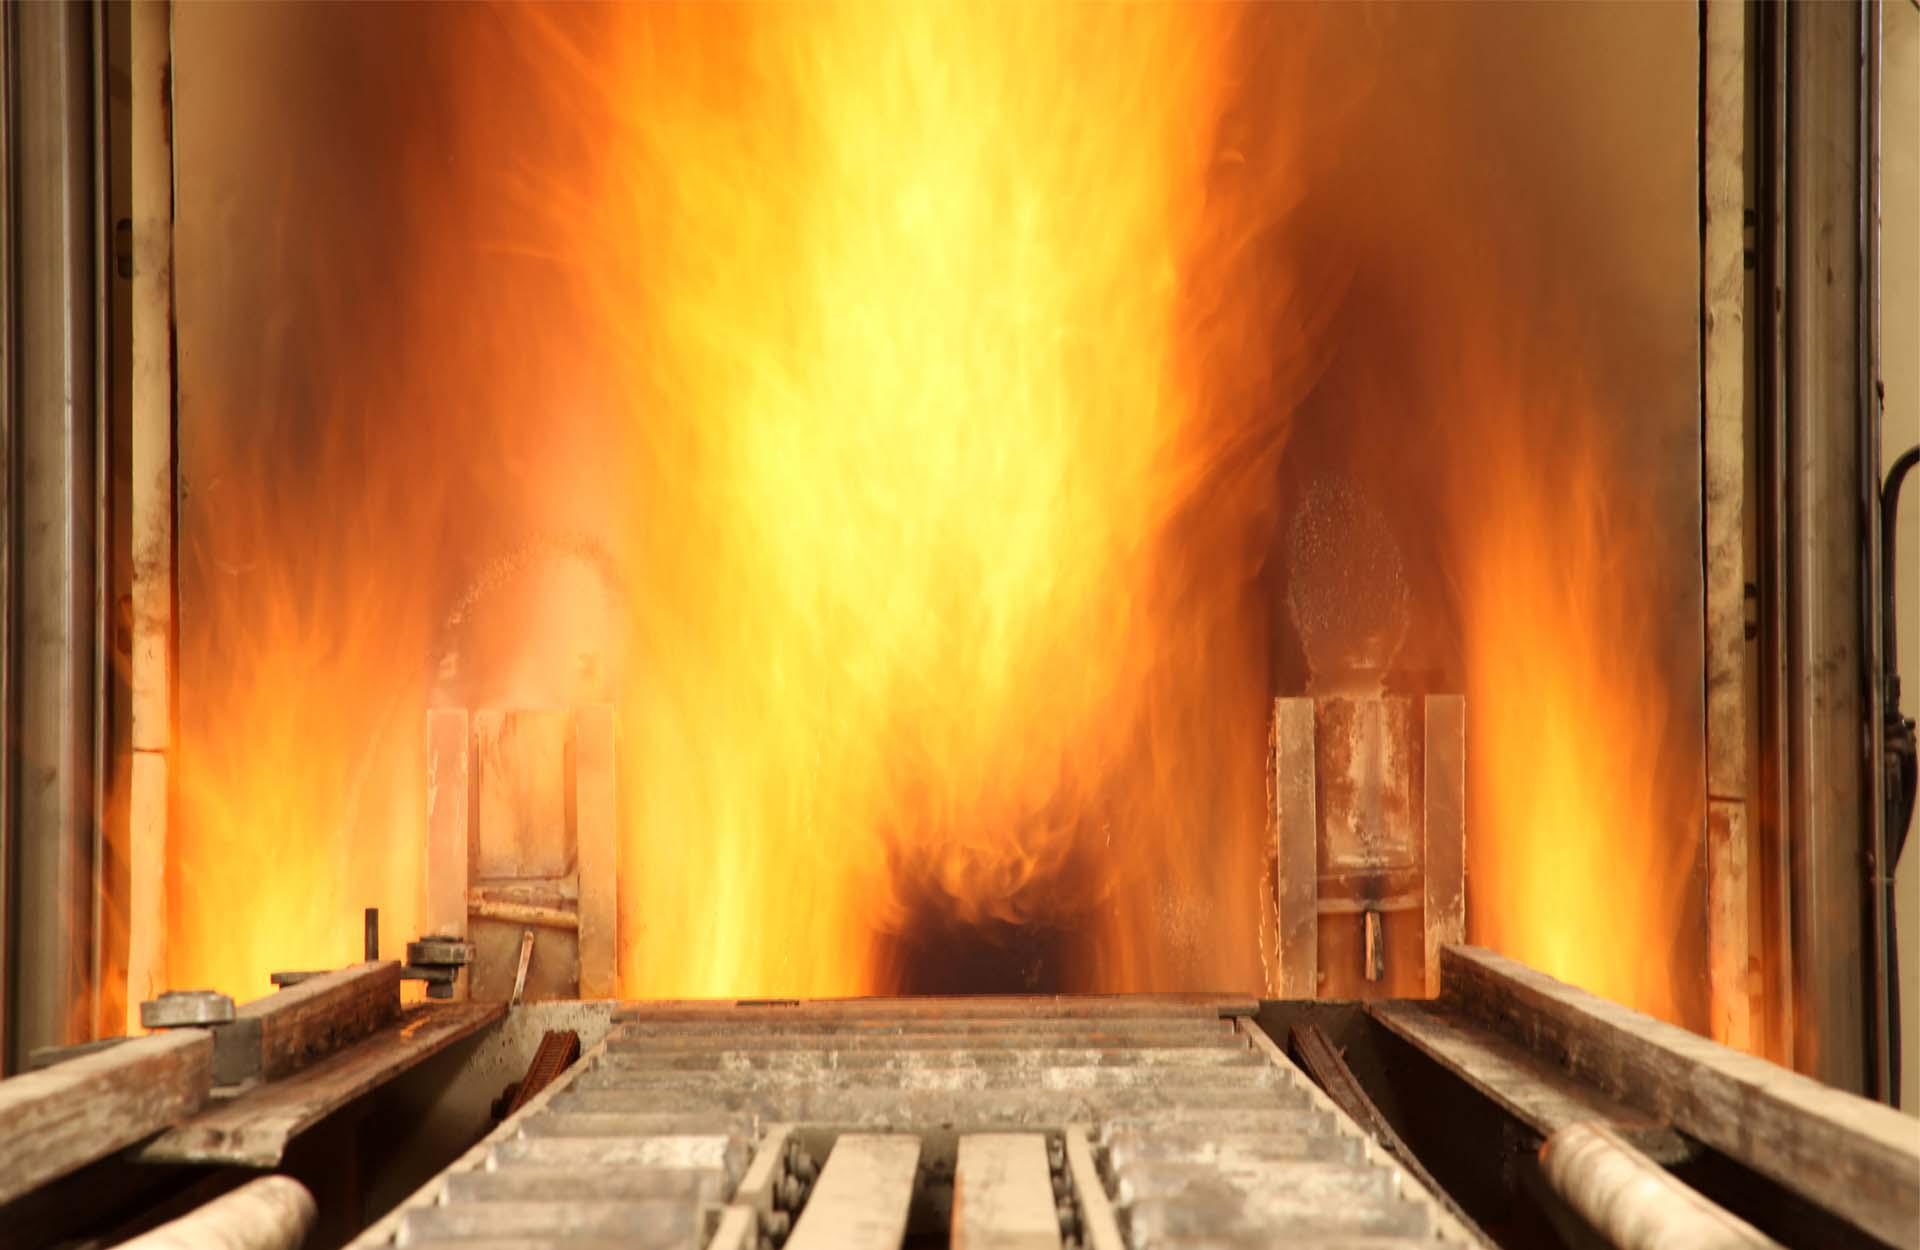 Kiln or Calciner flames